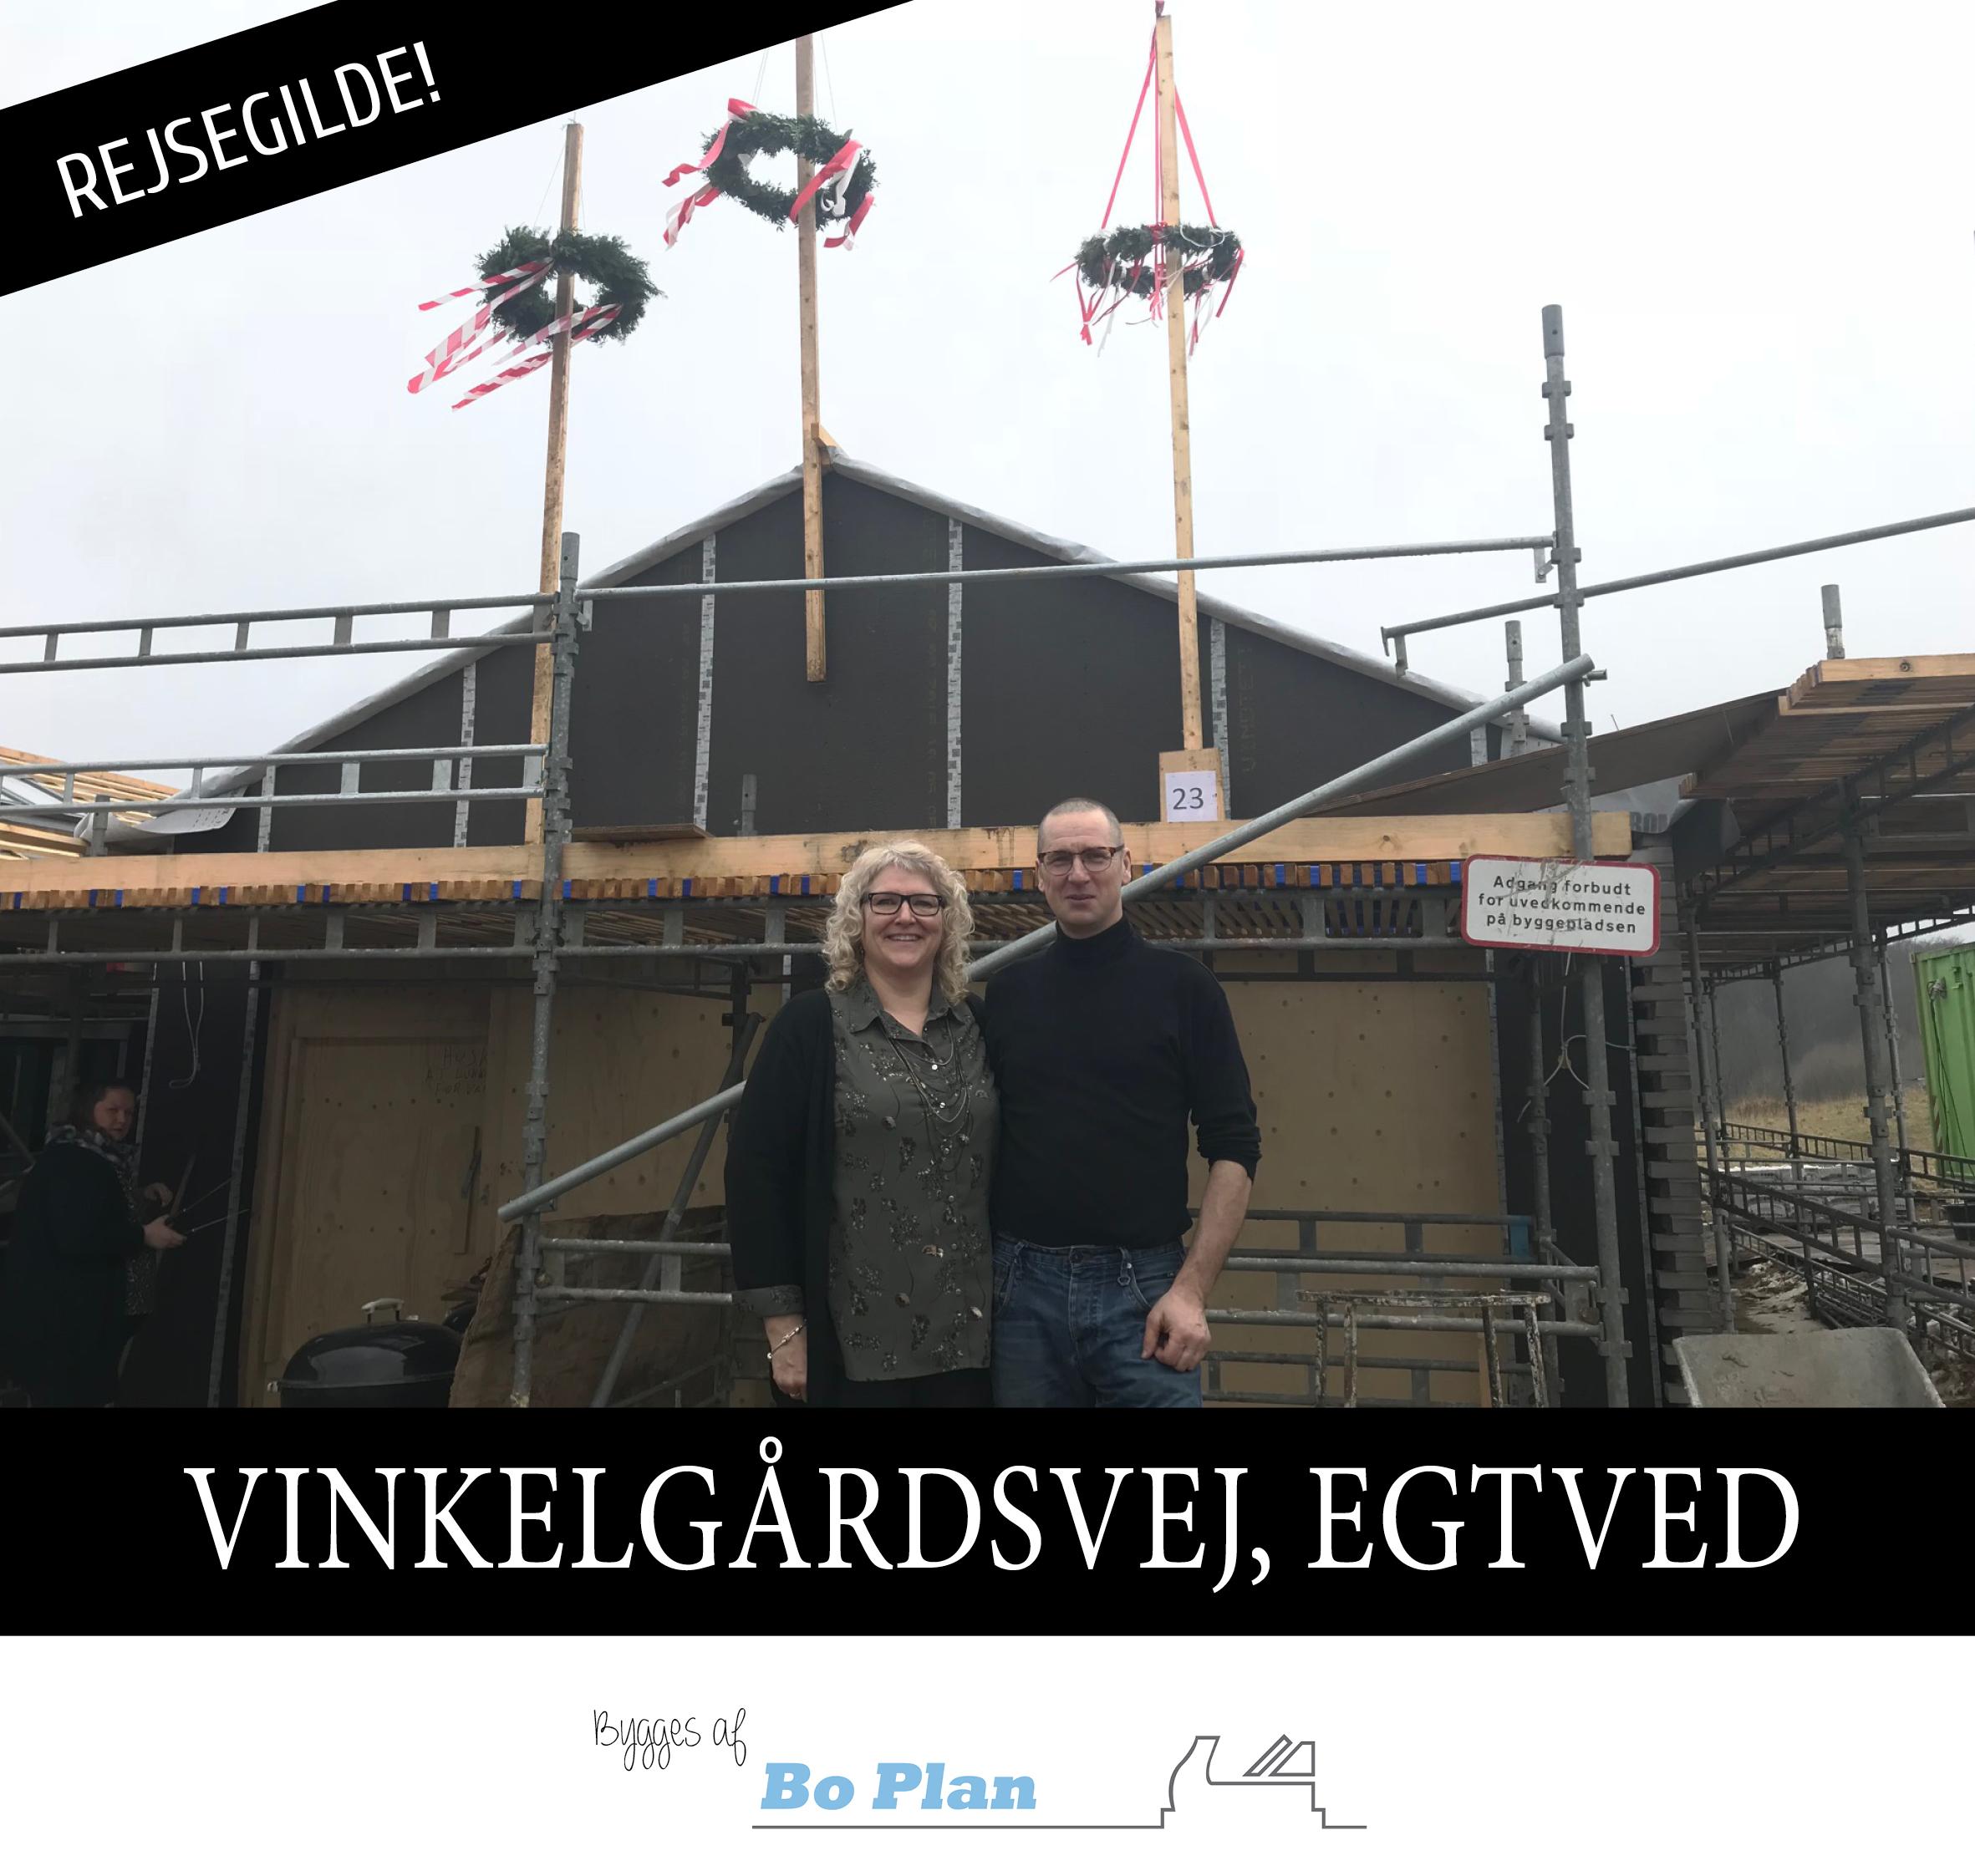 Vinkelgården,_Egtved,rejsegilde_marts_20182